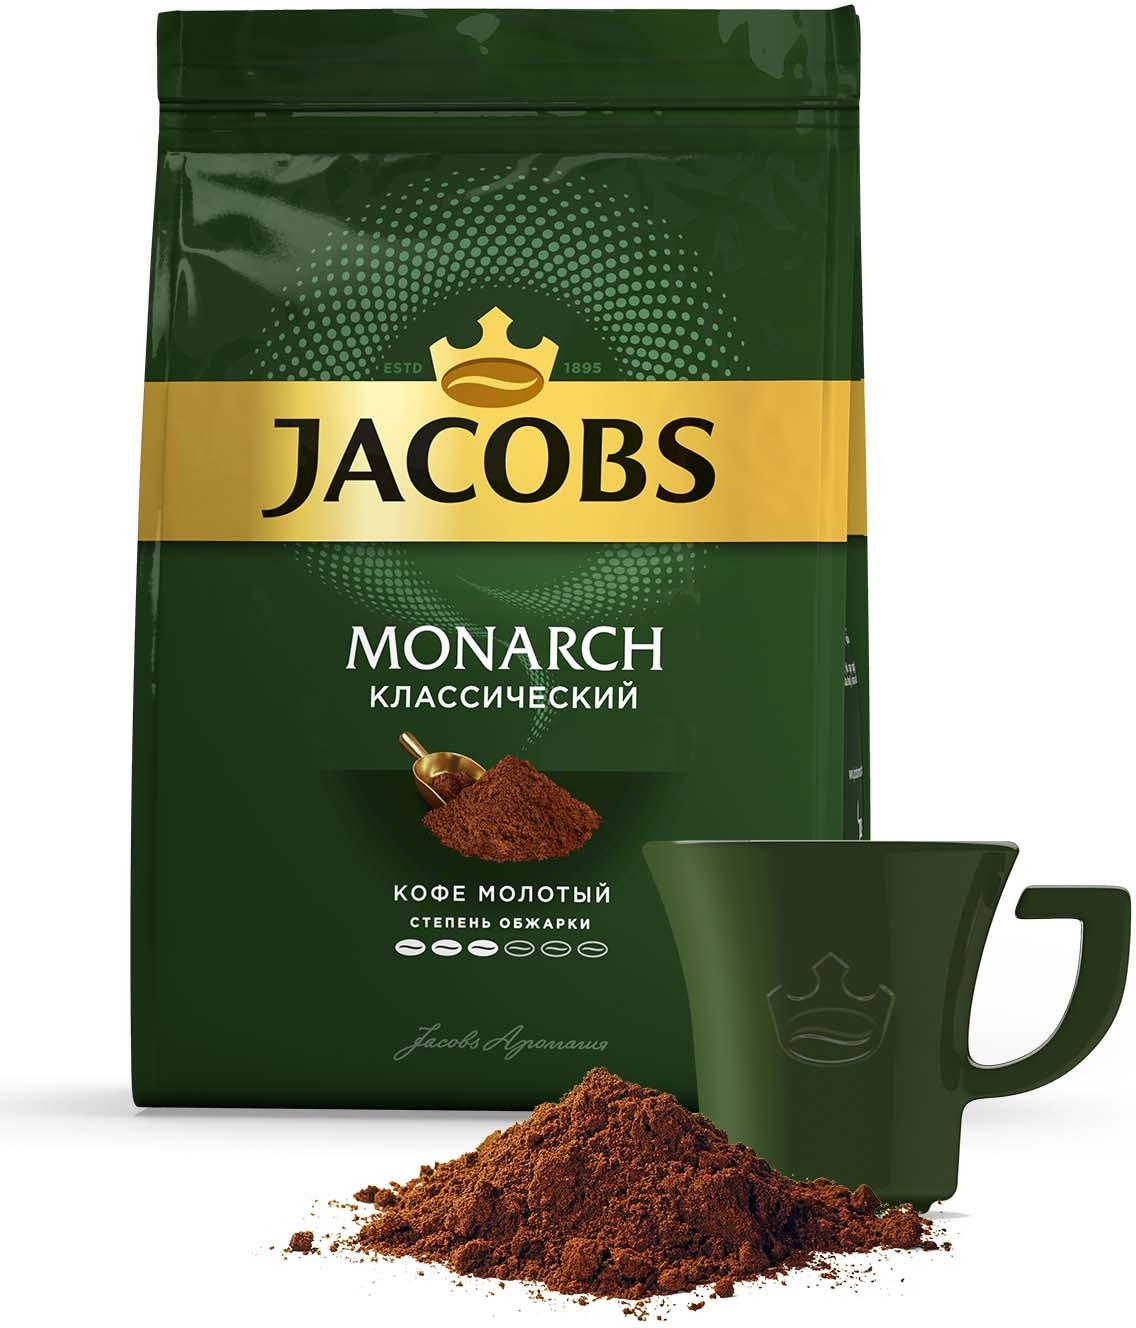 Кофе монарх картинки